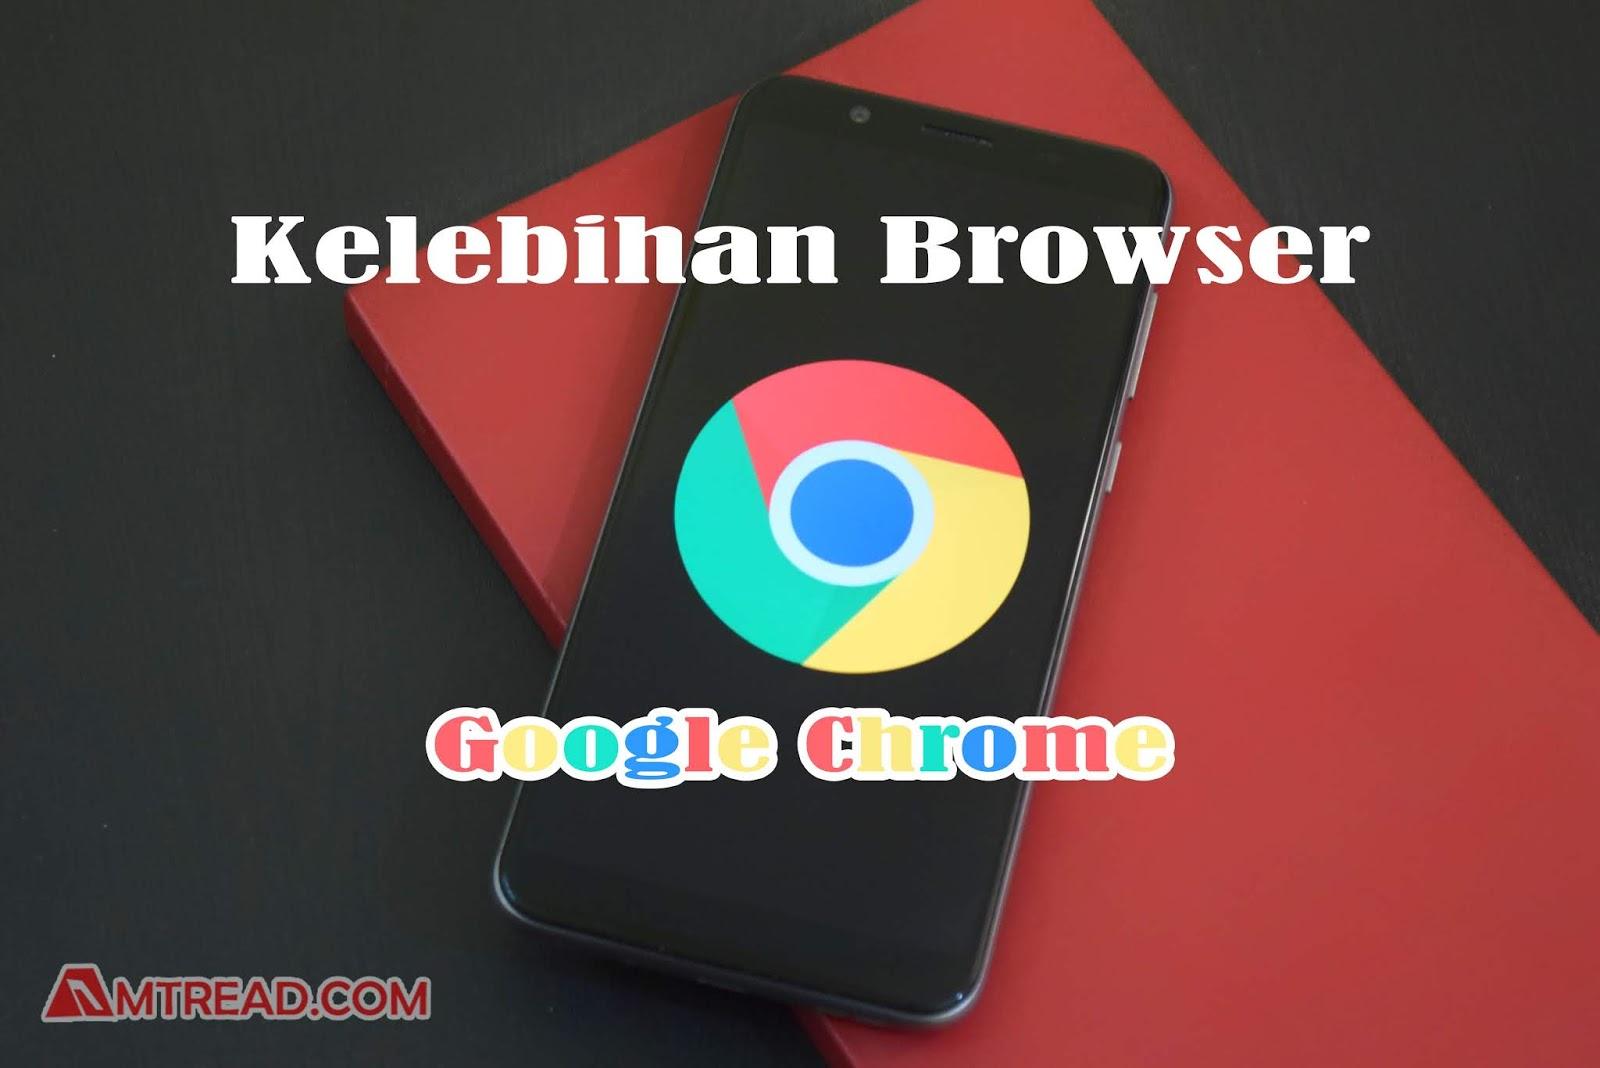 kelebihan browser google chrome